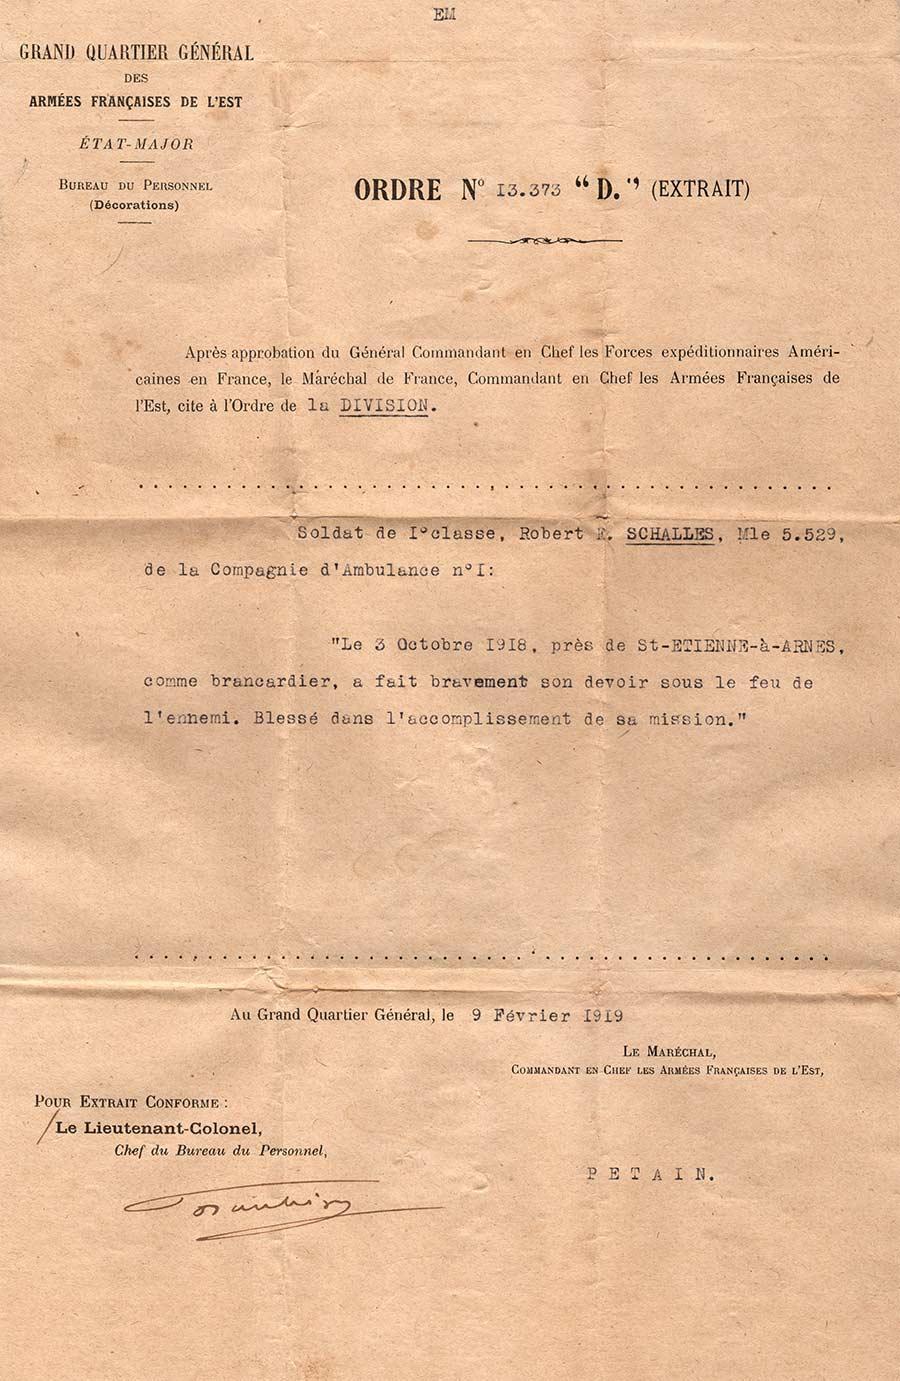 French citation for Robert E. Schalles, World War One